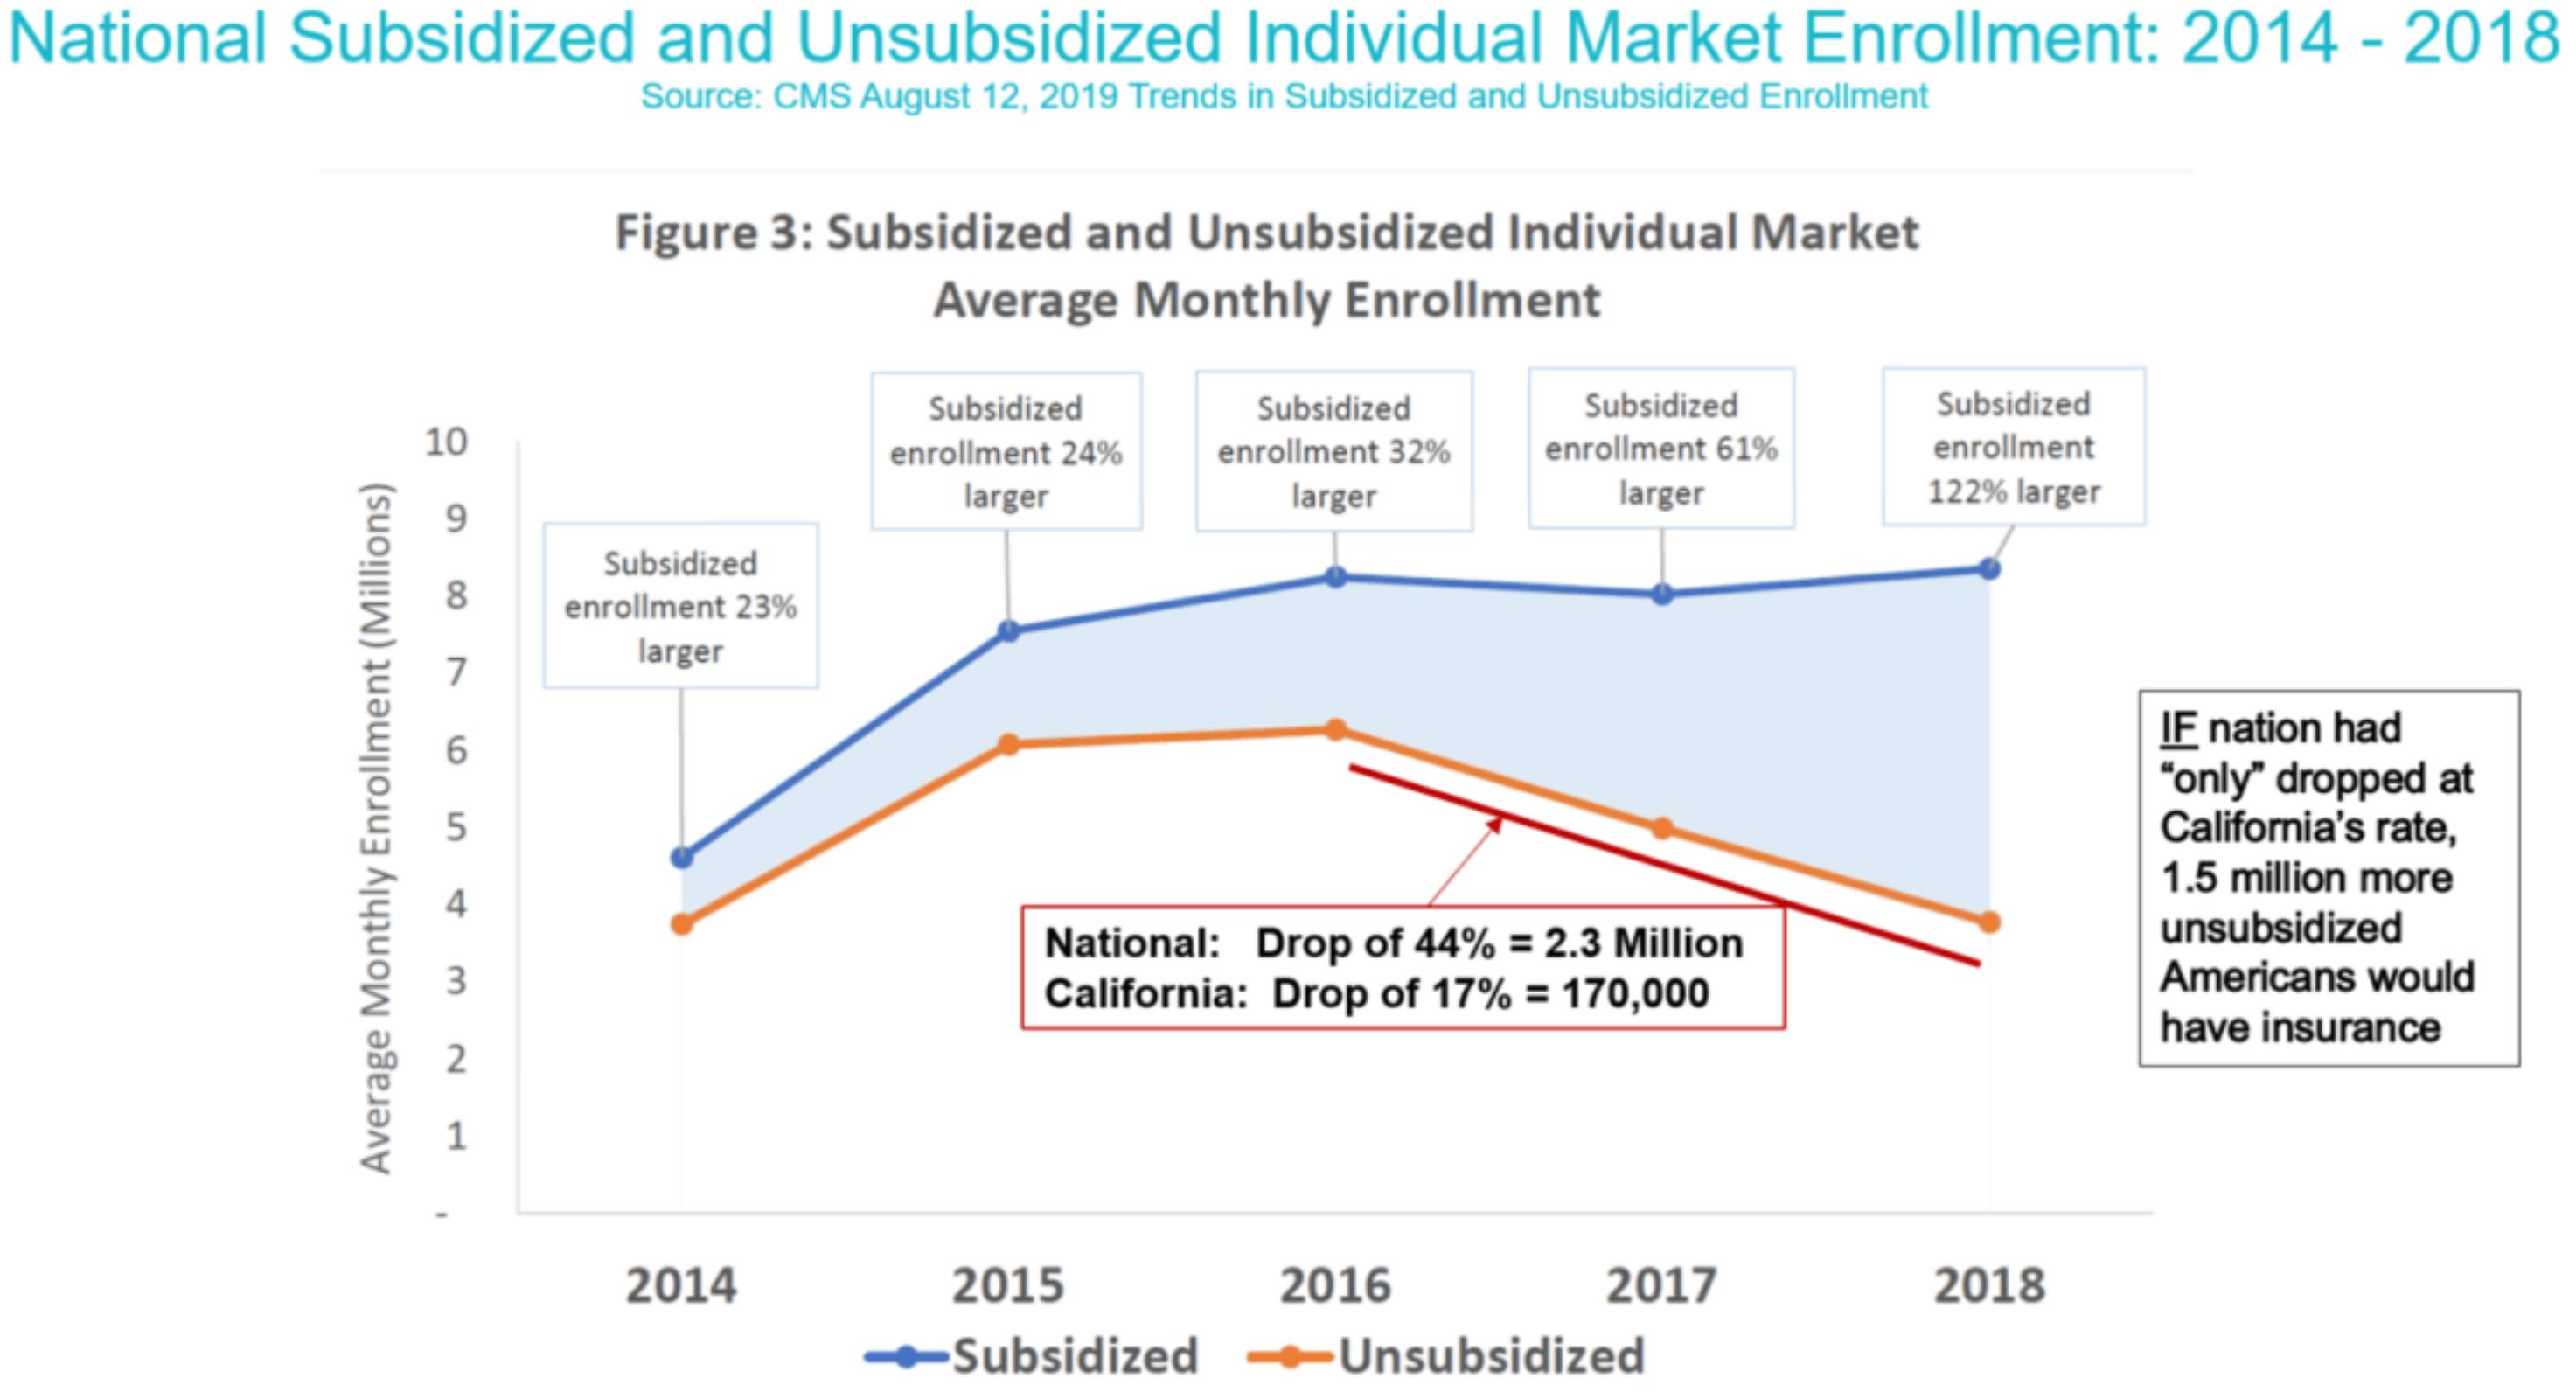 national subsidized vs unsubsidized